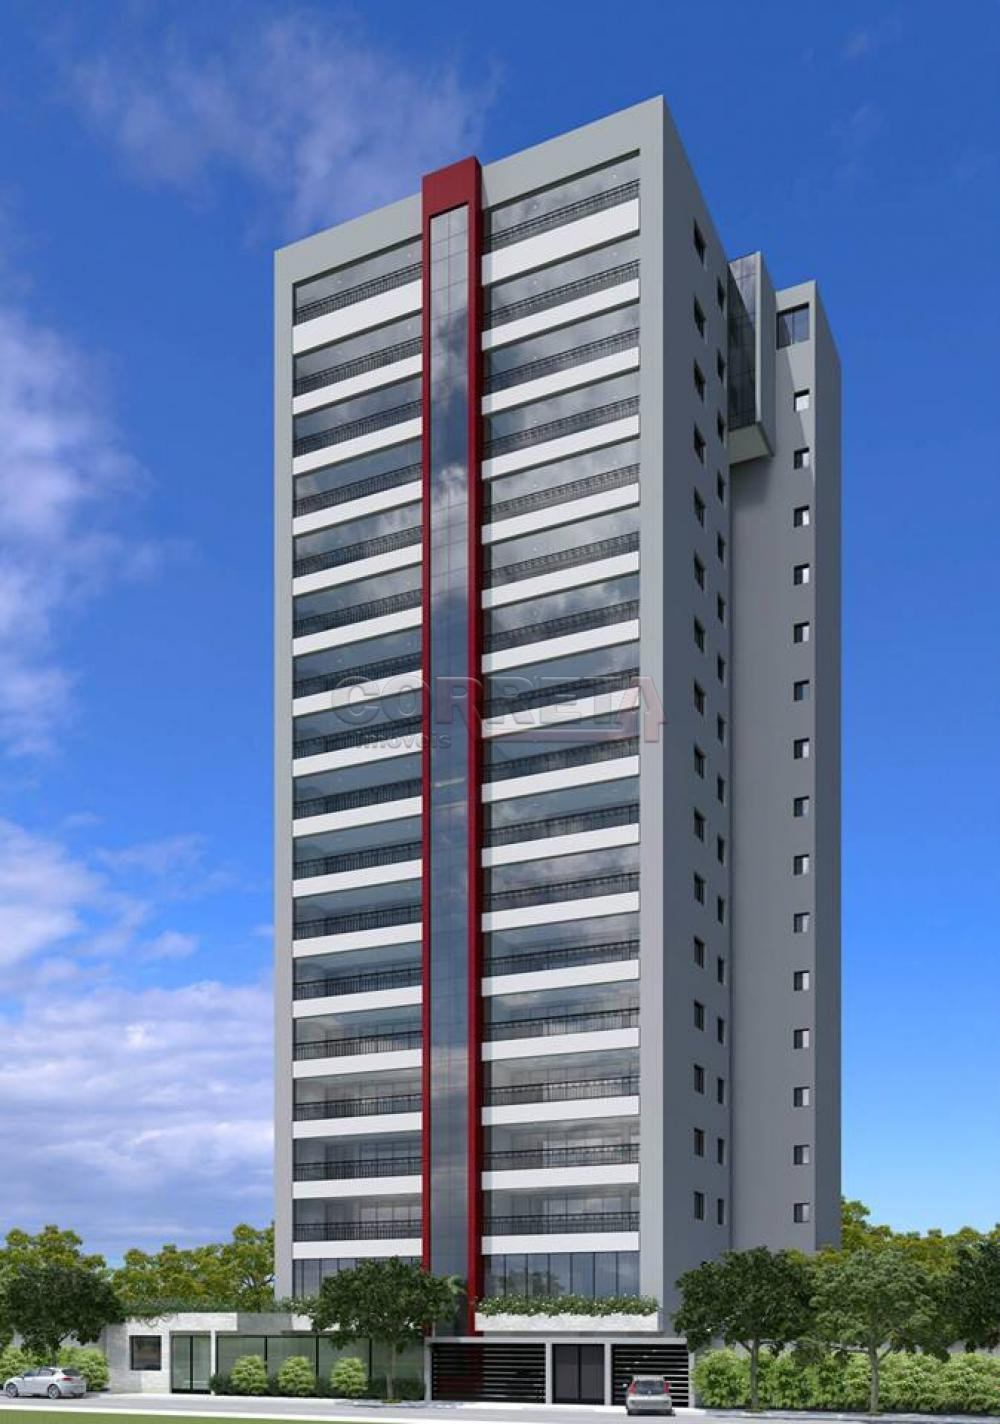 Comprar Apartamento / Padrão em Araçatuba apenas R$ 1.200.000,00 - Foto 2